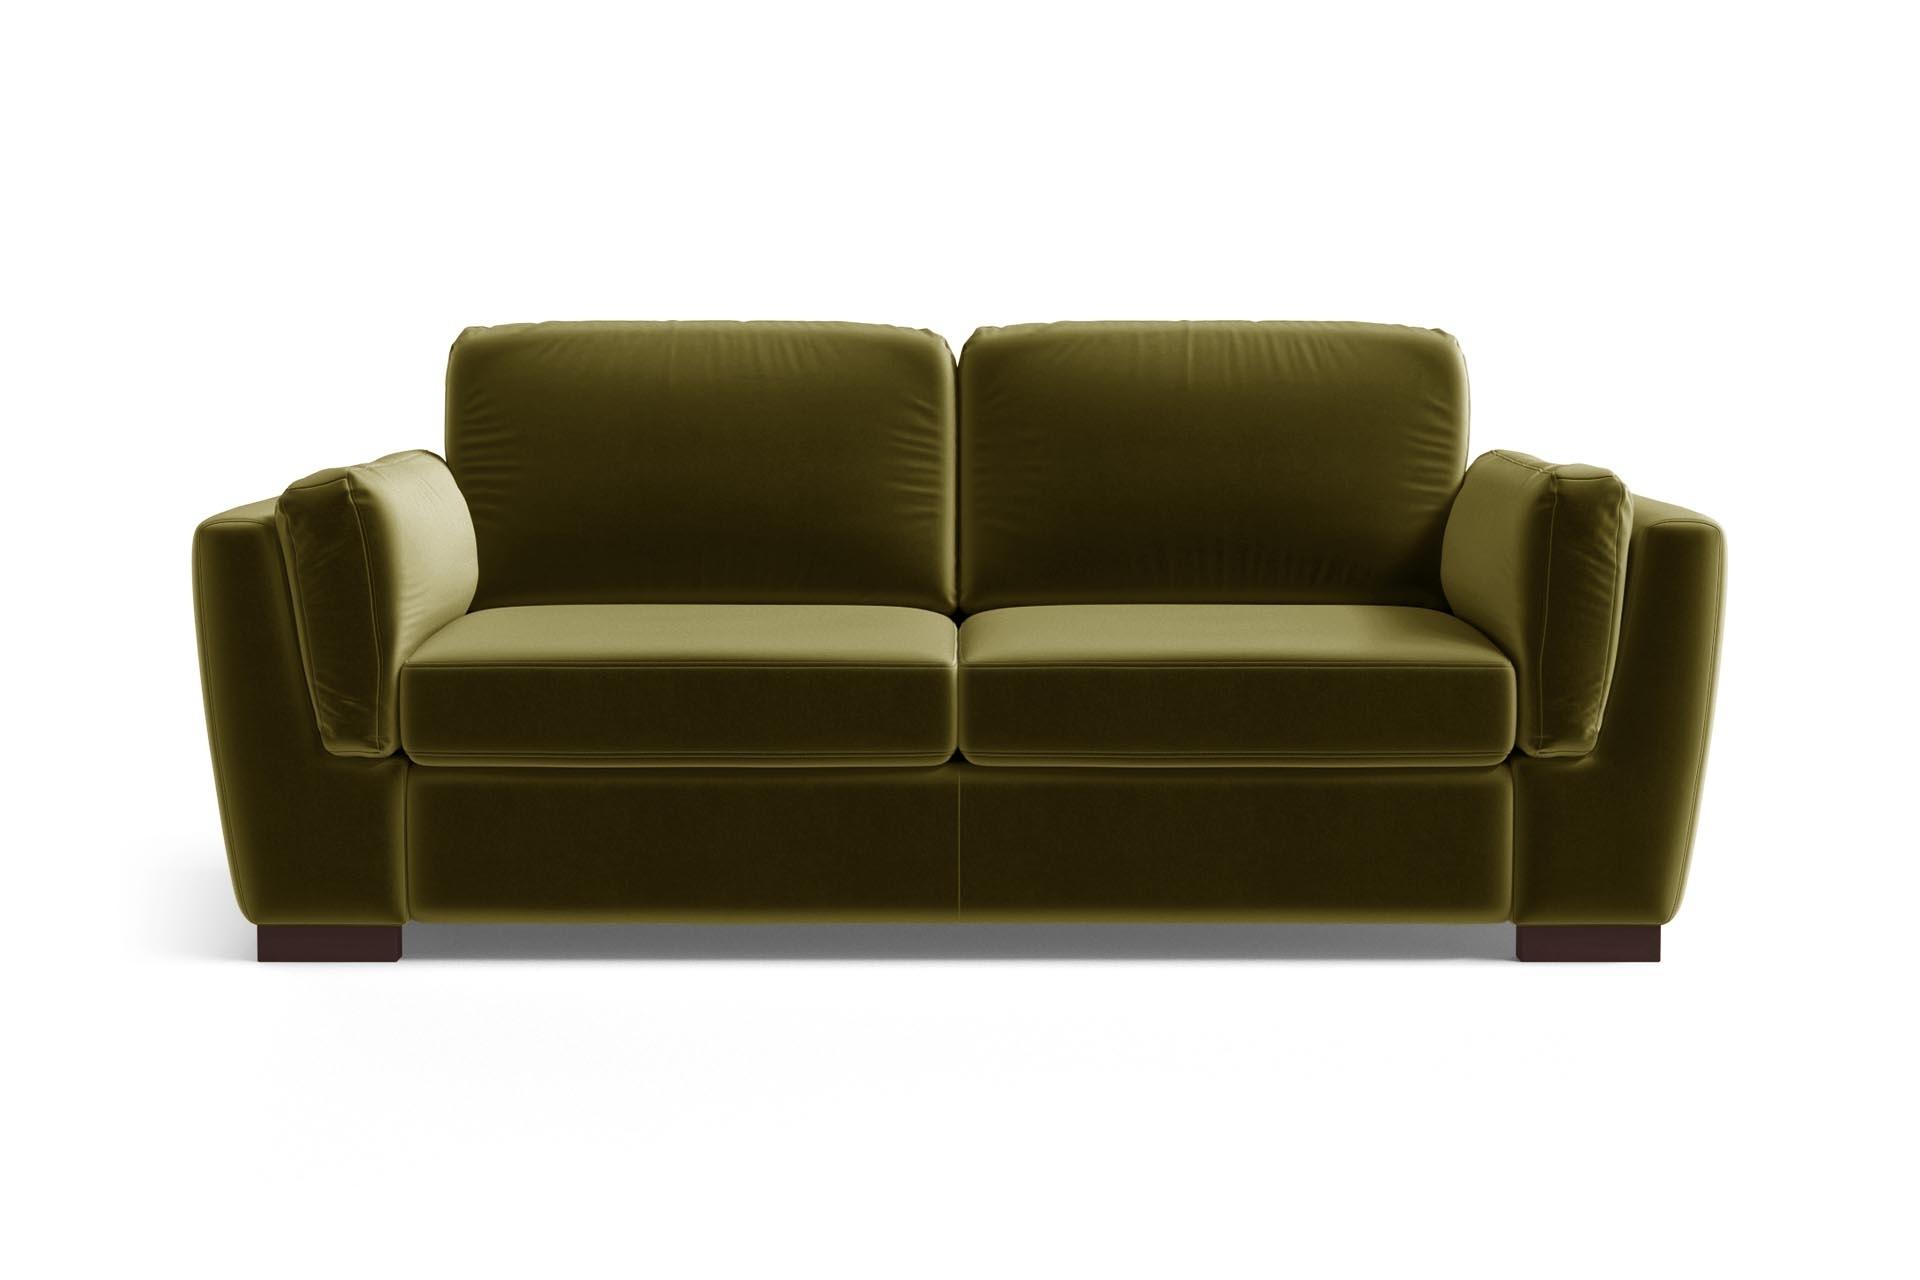 Canapé 2 places en velours vert